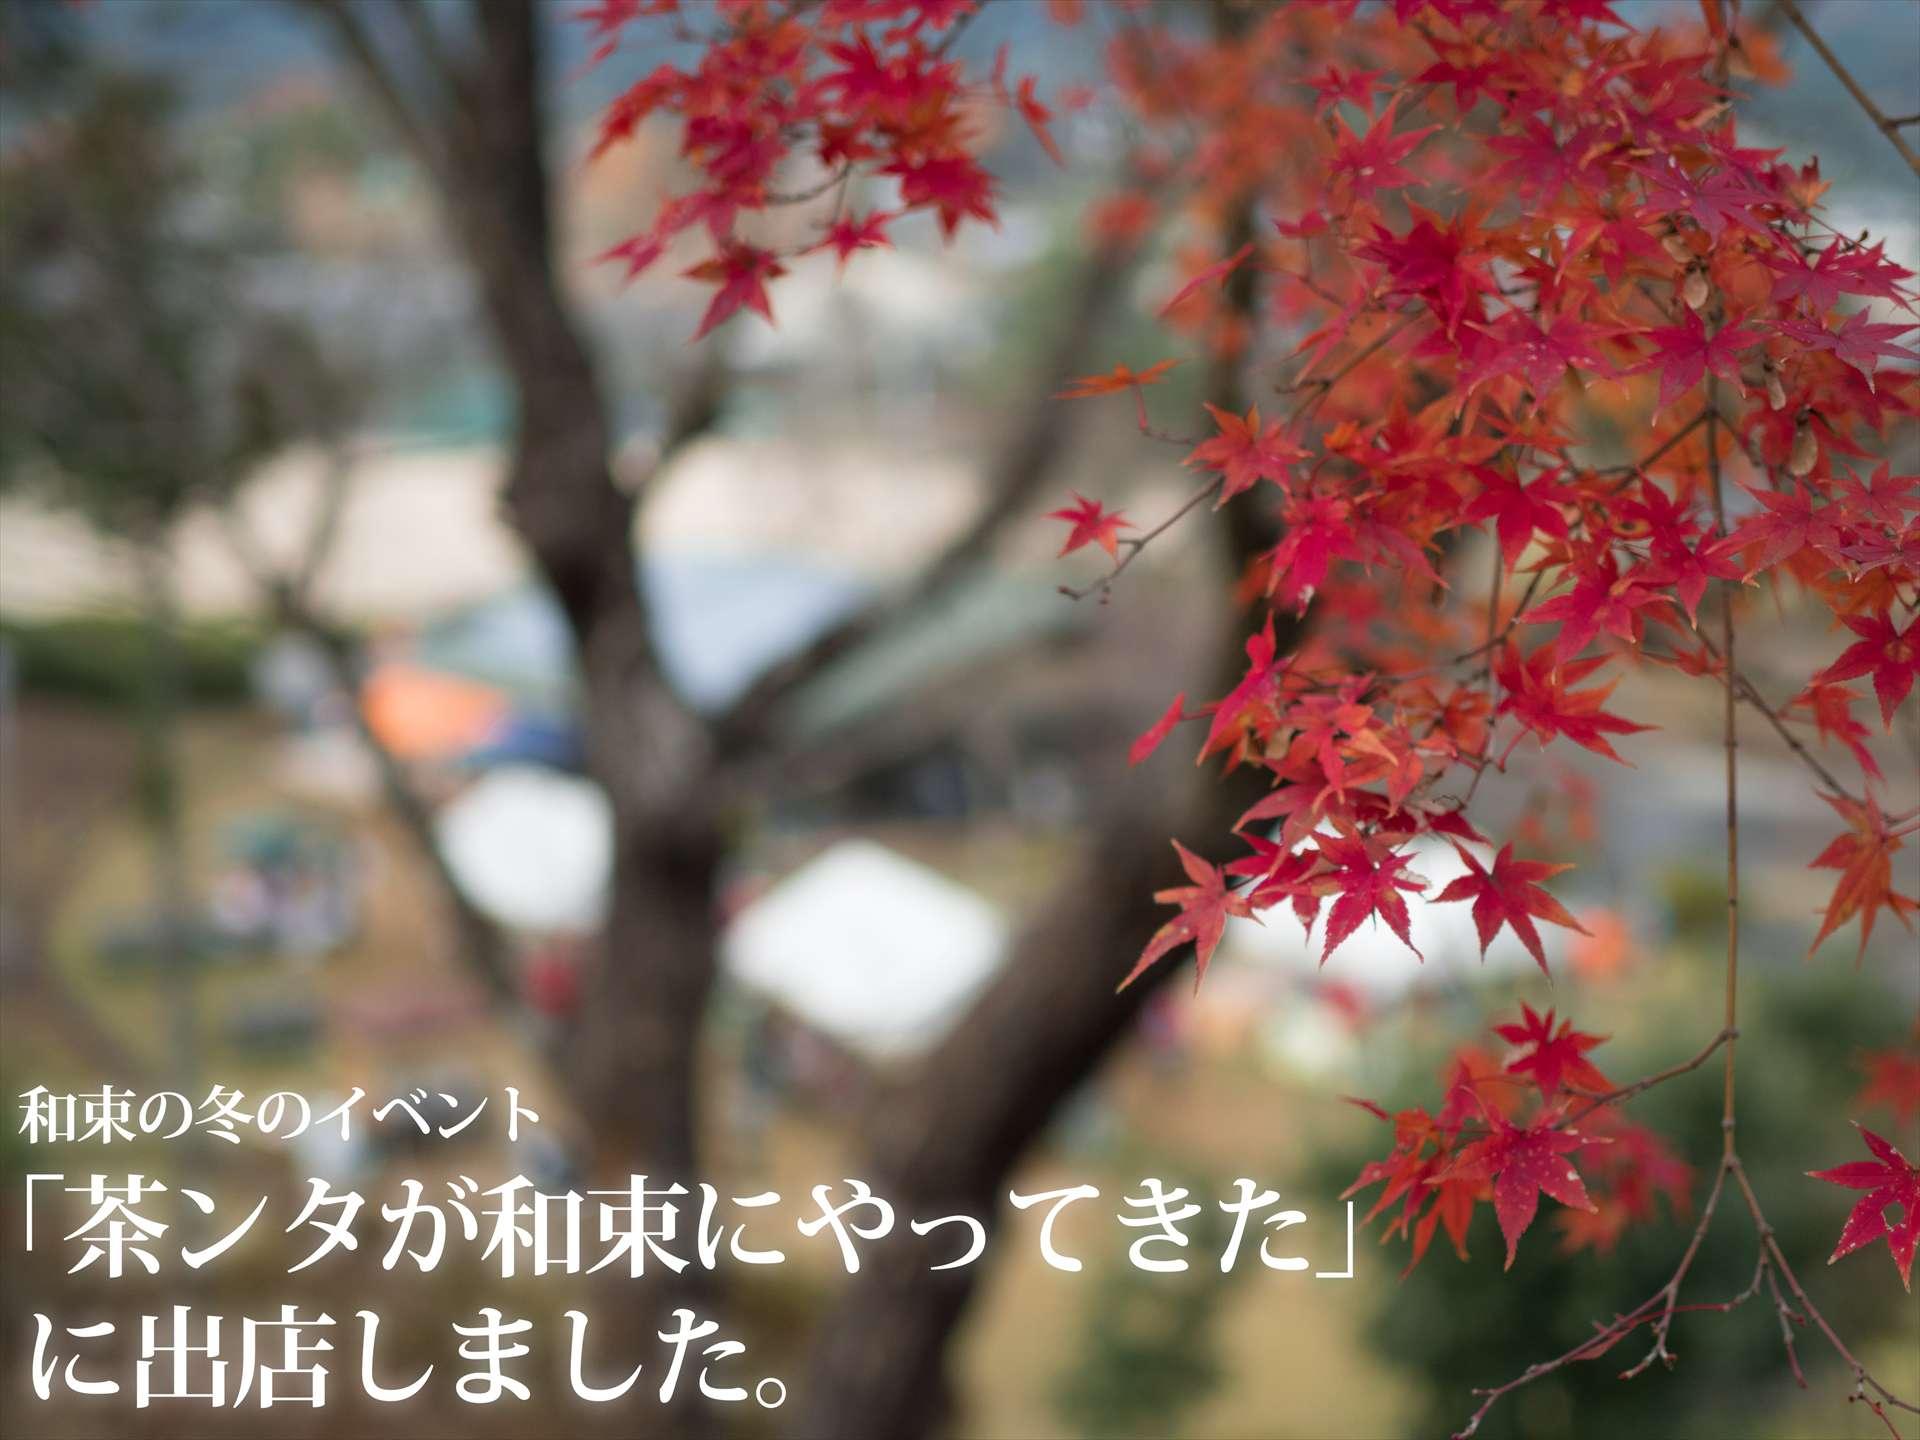 和束町のイベント「茶ンタが和束にやってきた」に出店してきました!